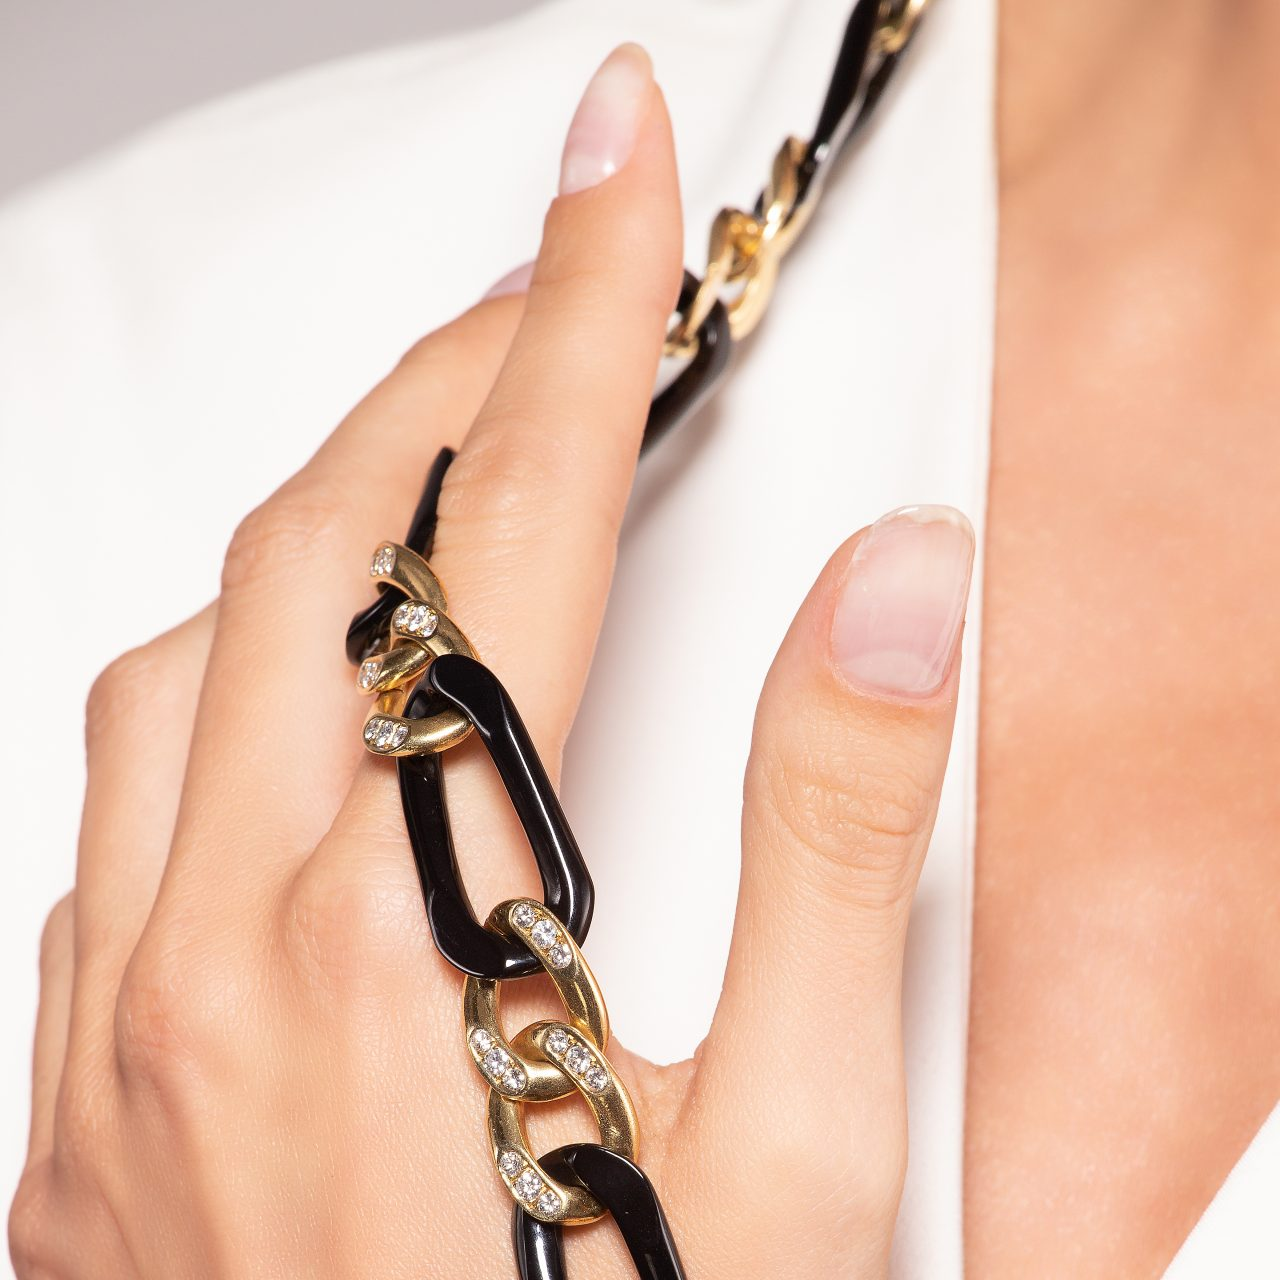 Collana di Van Cleef & Arpels in oro giallo 18k con Onice e Diamanti indossata